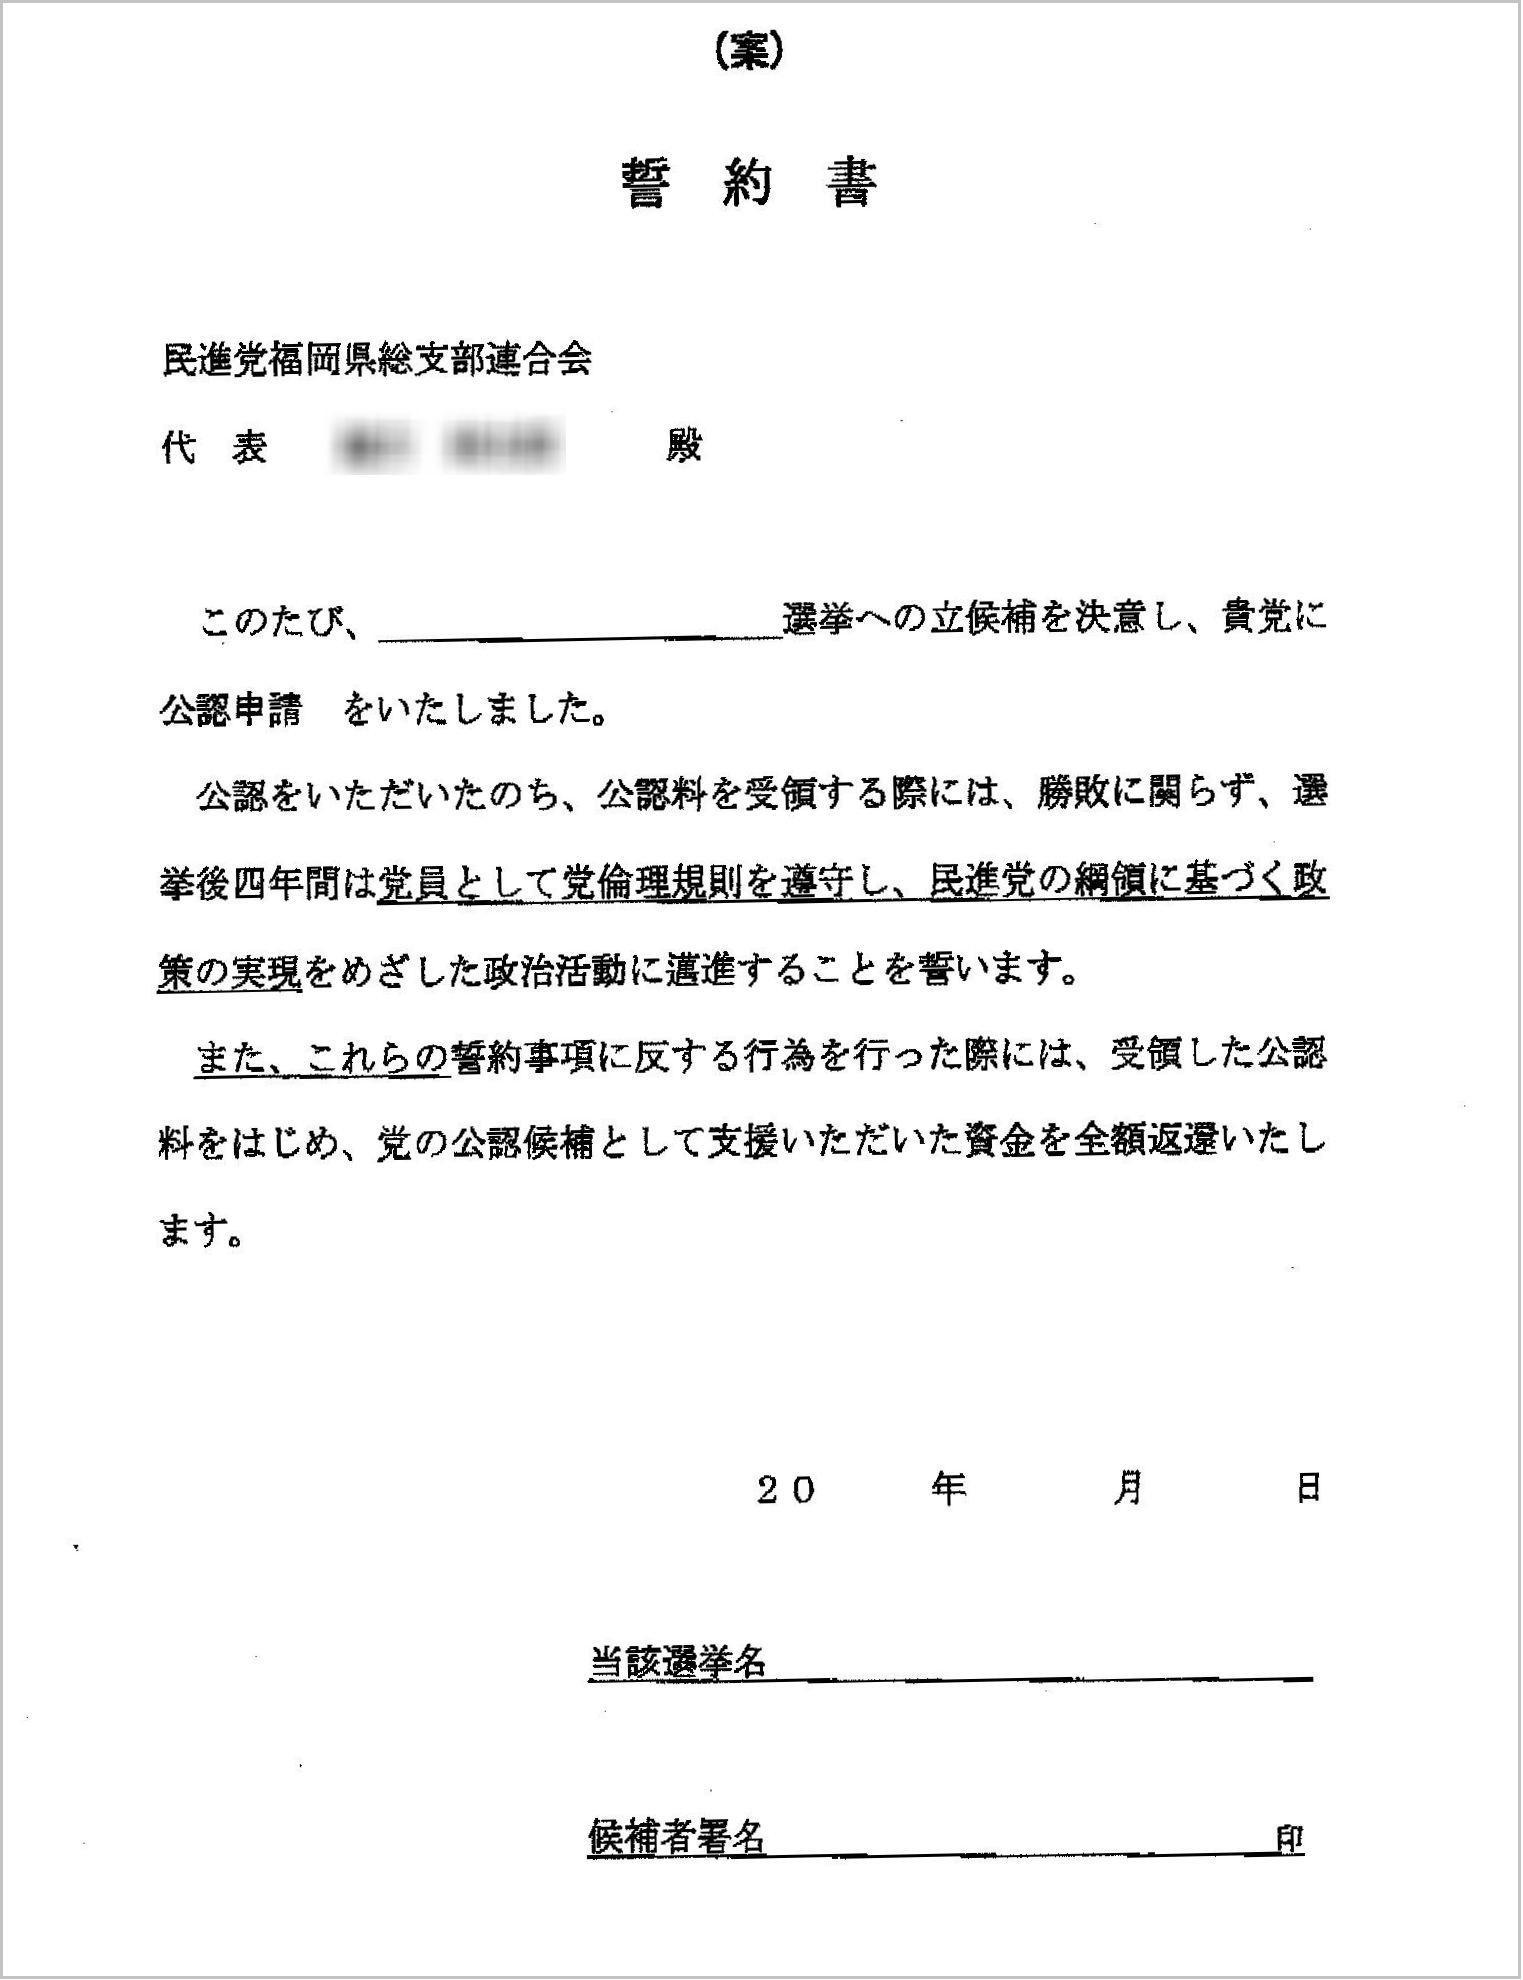 http://hunter-investigate.jp/news/d0f5ac639e1e8c4f5882da7c60bc8f2655a05a5b.jpg